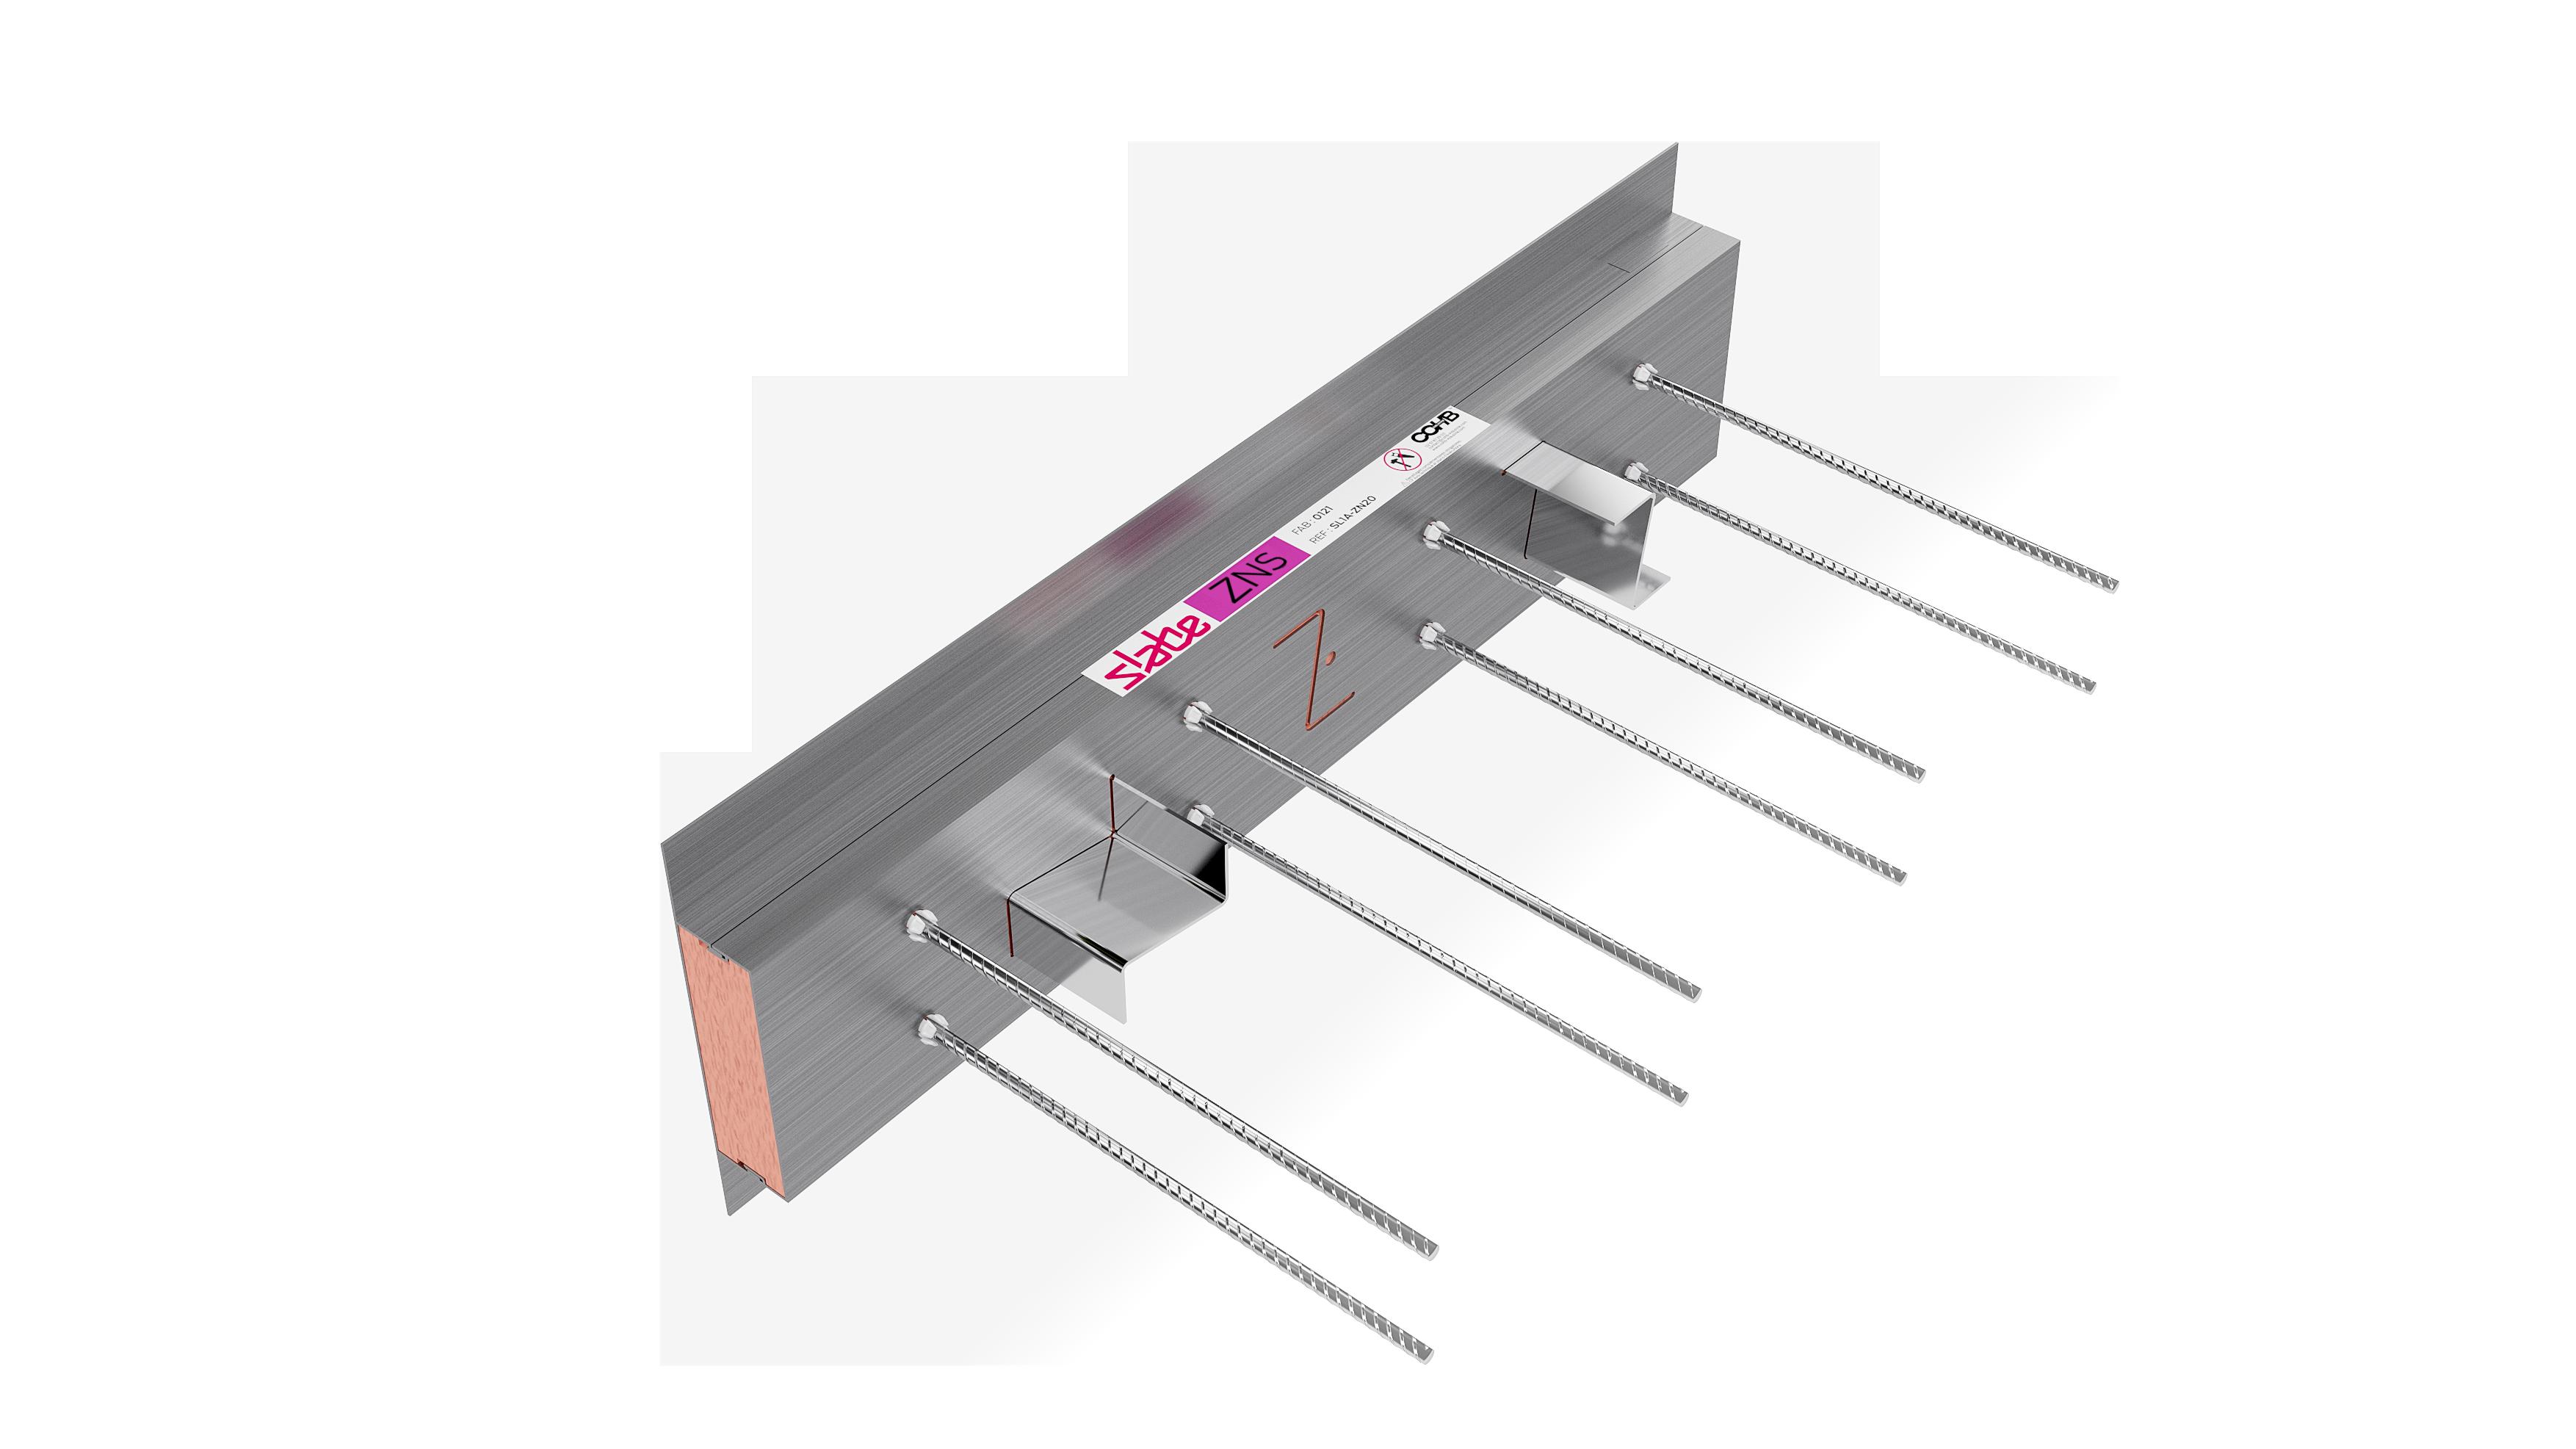 Le rupteur de ponts thermiques parasismique de liaison plancher-façade Slabe ZNS est le plus puissant de sa catégorie.